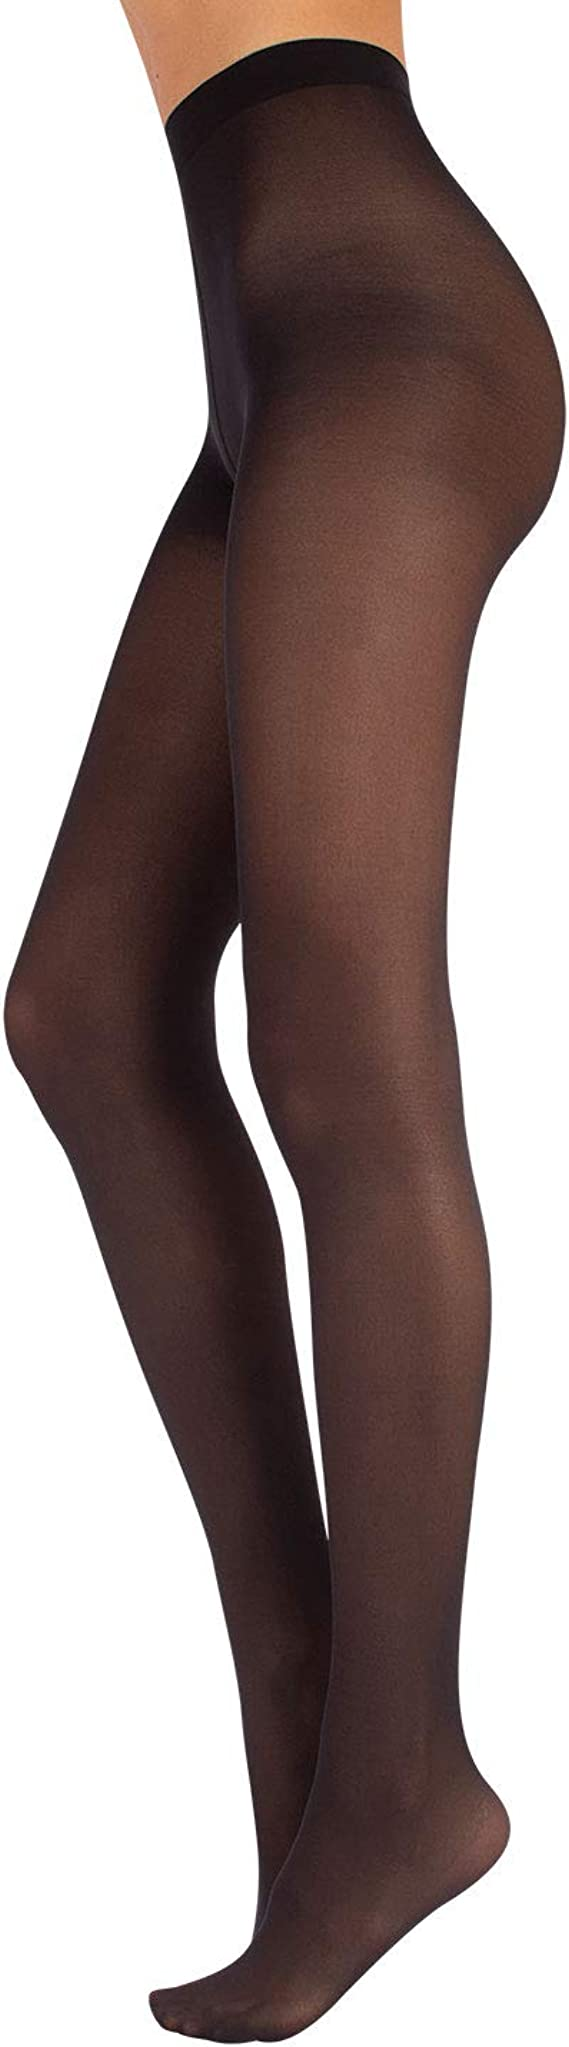 Noir Fabriqu/é en Italie CALZITALY Collants de Danse Femme avec Pied S 40 DEN M XS XL L Rose